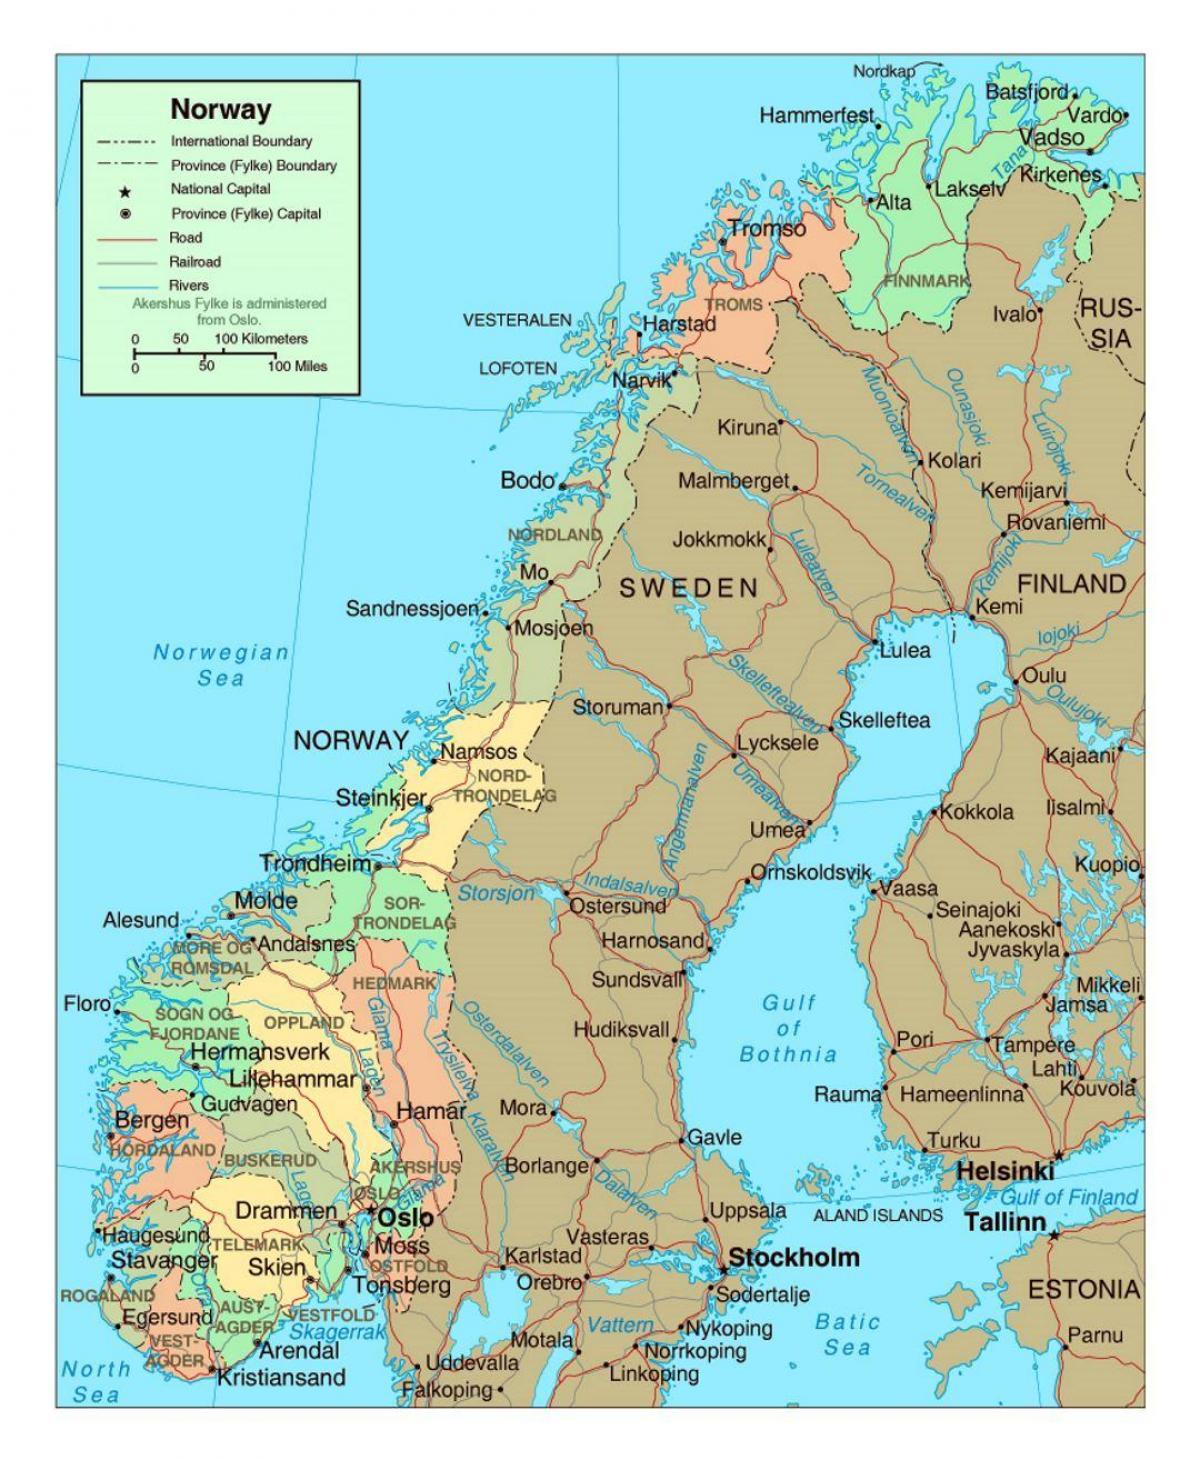 Vej Kort Over Norge Vejkort Over Norge Med Byer I Det Nordlige